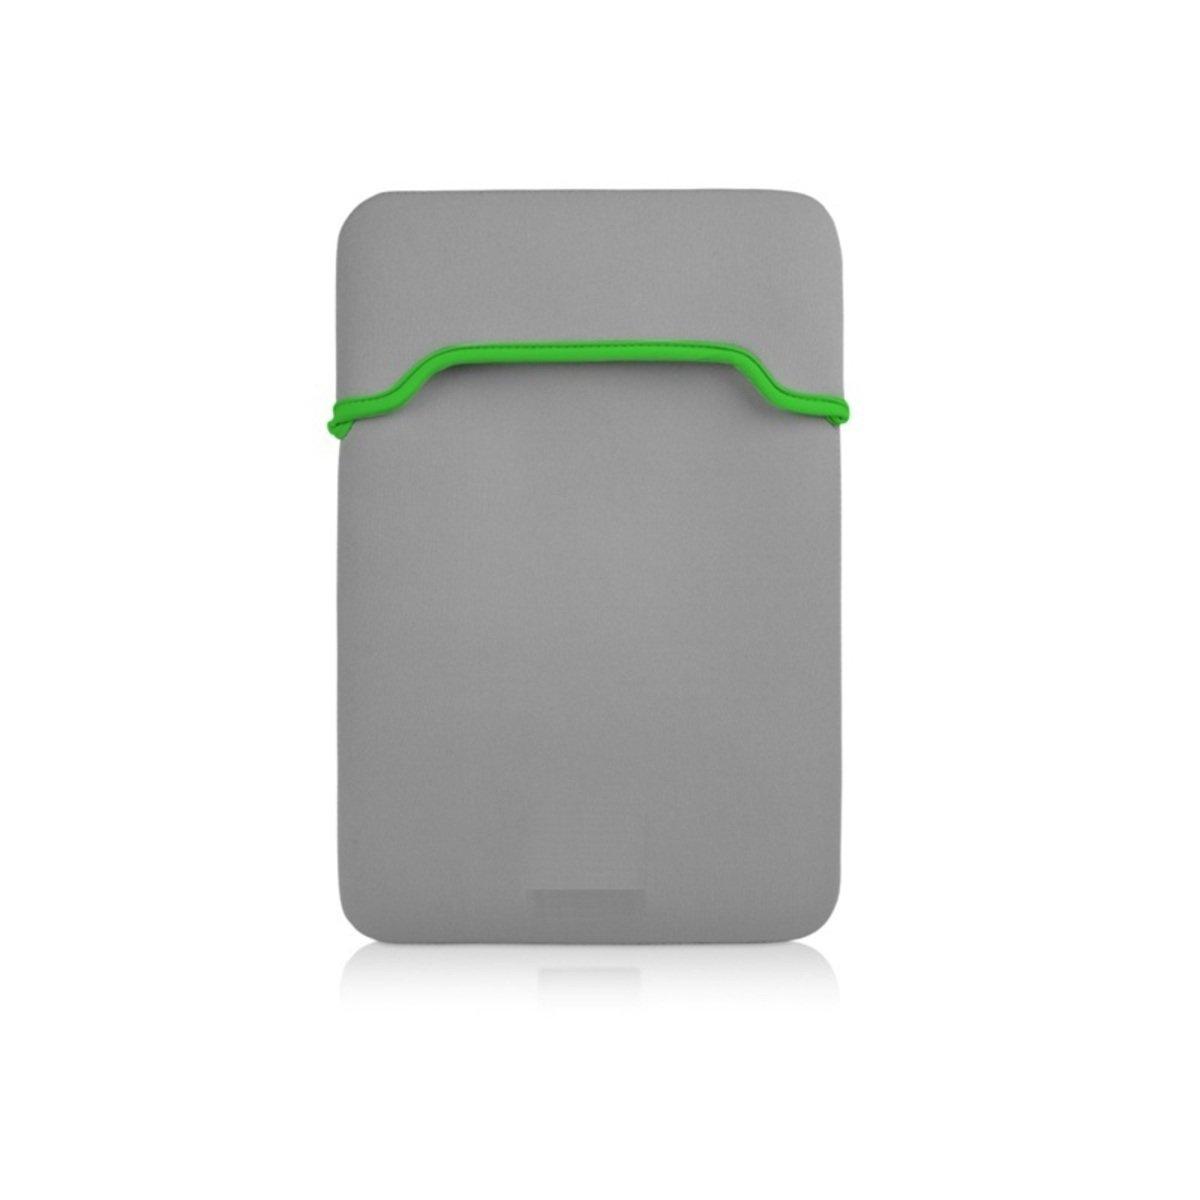 7吋平板電腦保護收納袋 (灰)